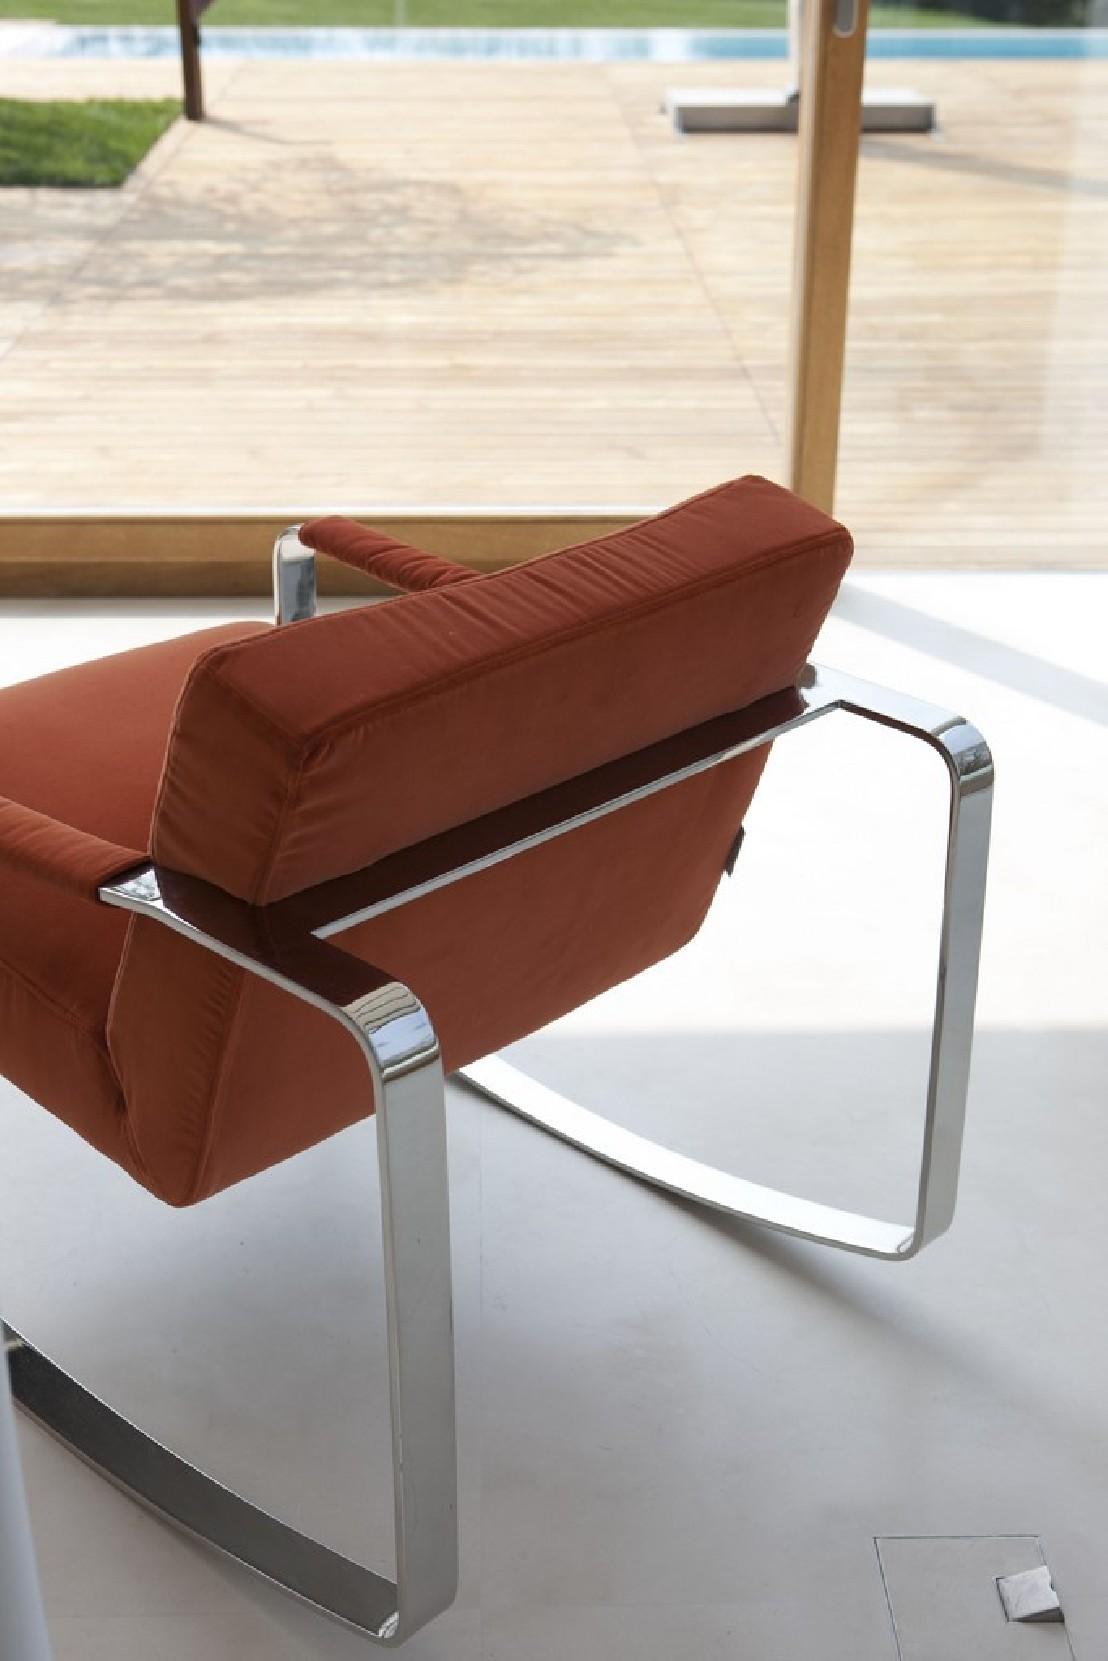 petit fauteuil design m ta cuir bascule cubique ron4. Black Bedroom Furniture Sets. Home Design Ideas